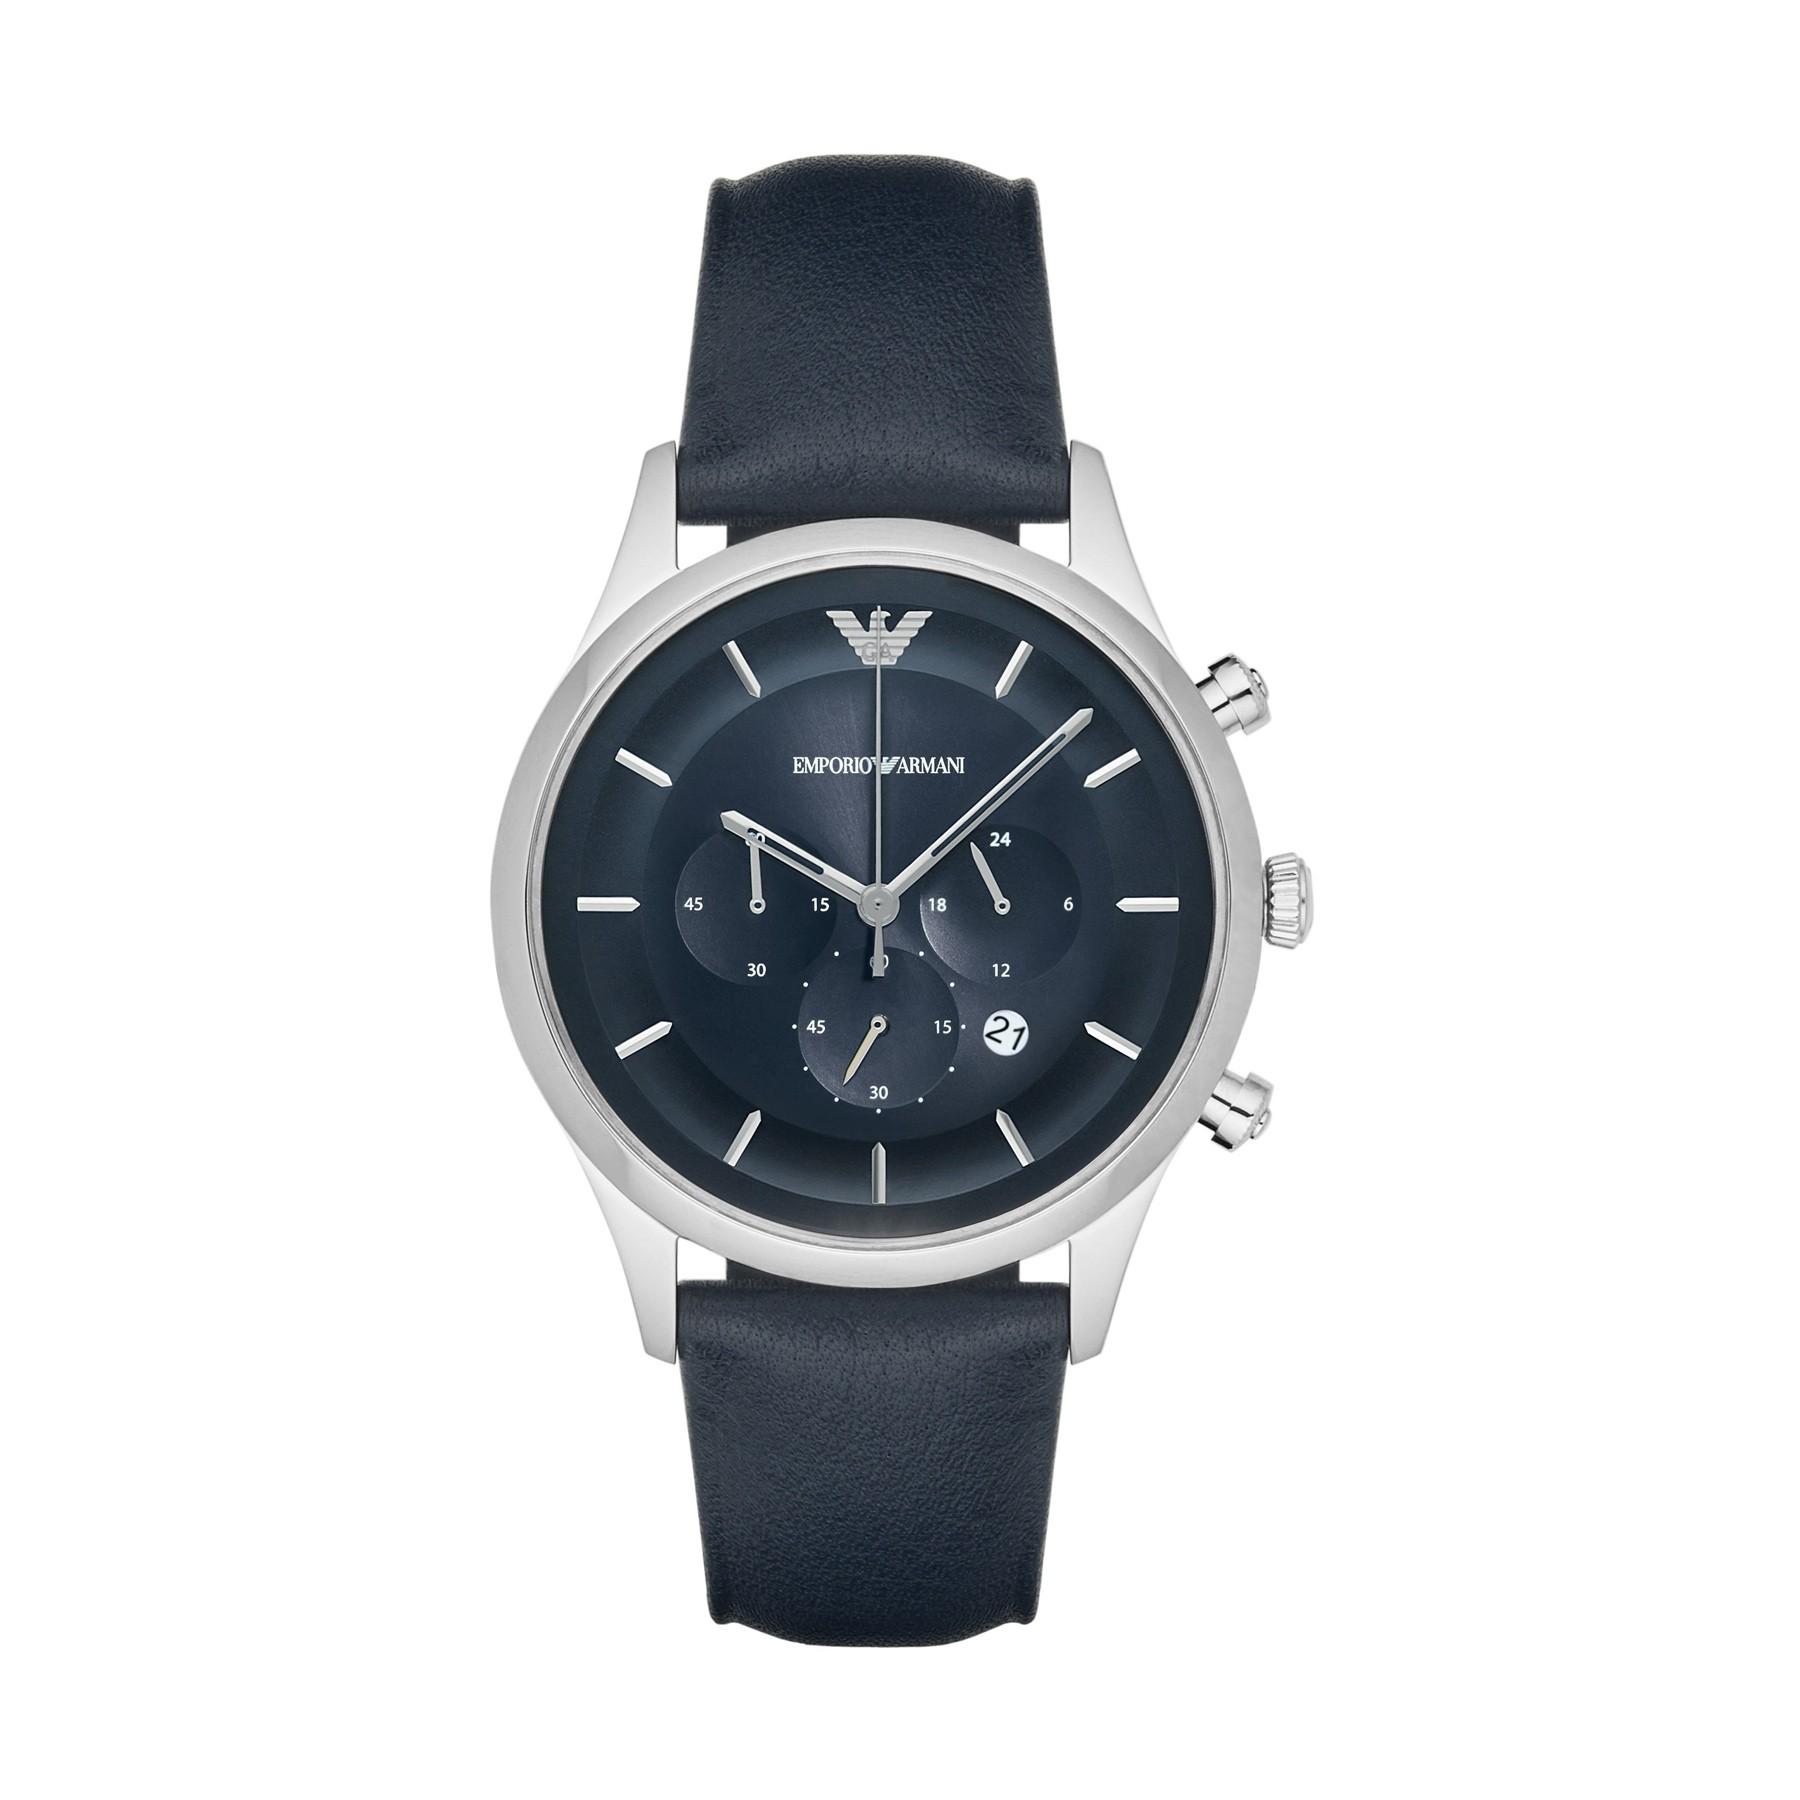 Relógio Emporio Armani Masculino - AR11018/0AN  - Dumont Online - Joias e Relógios